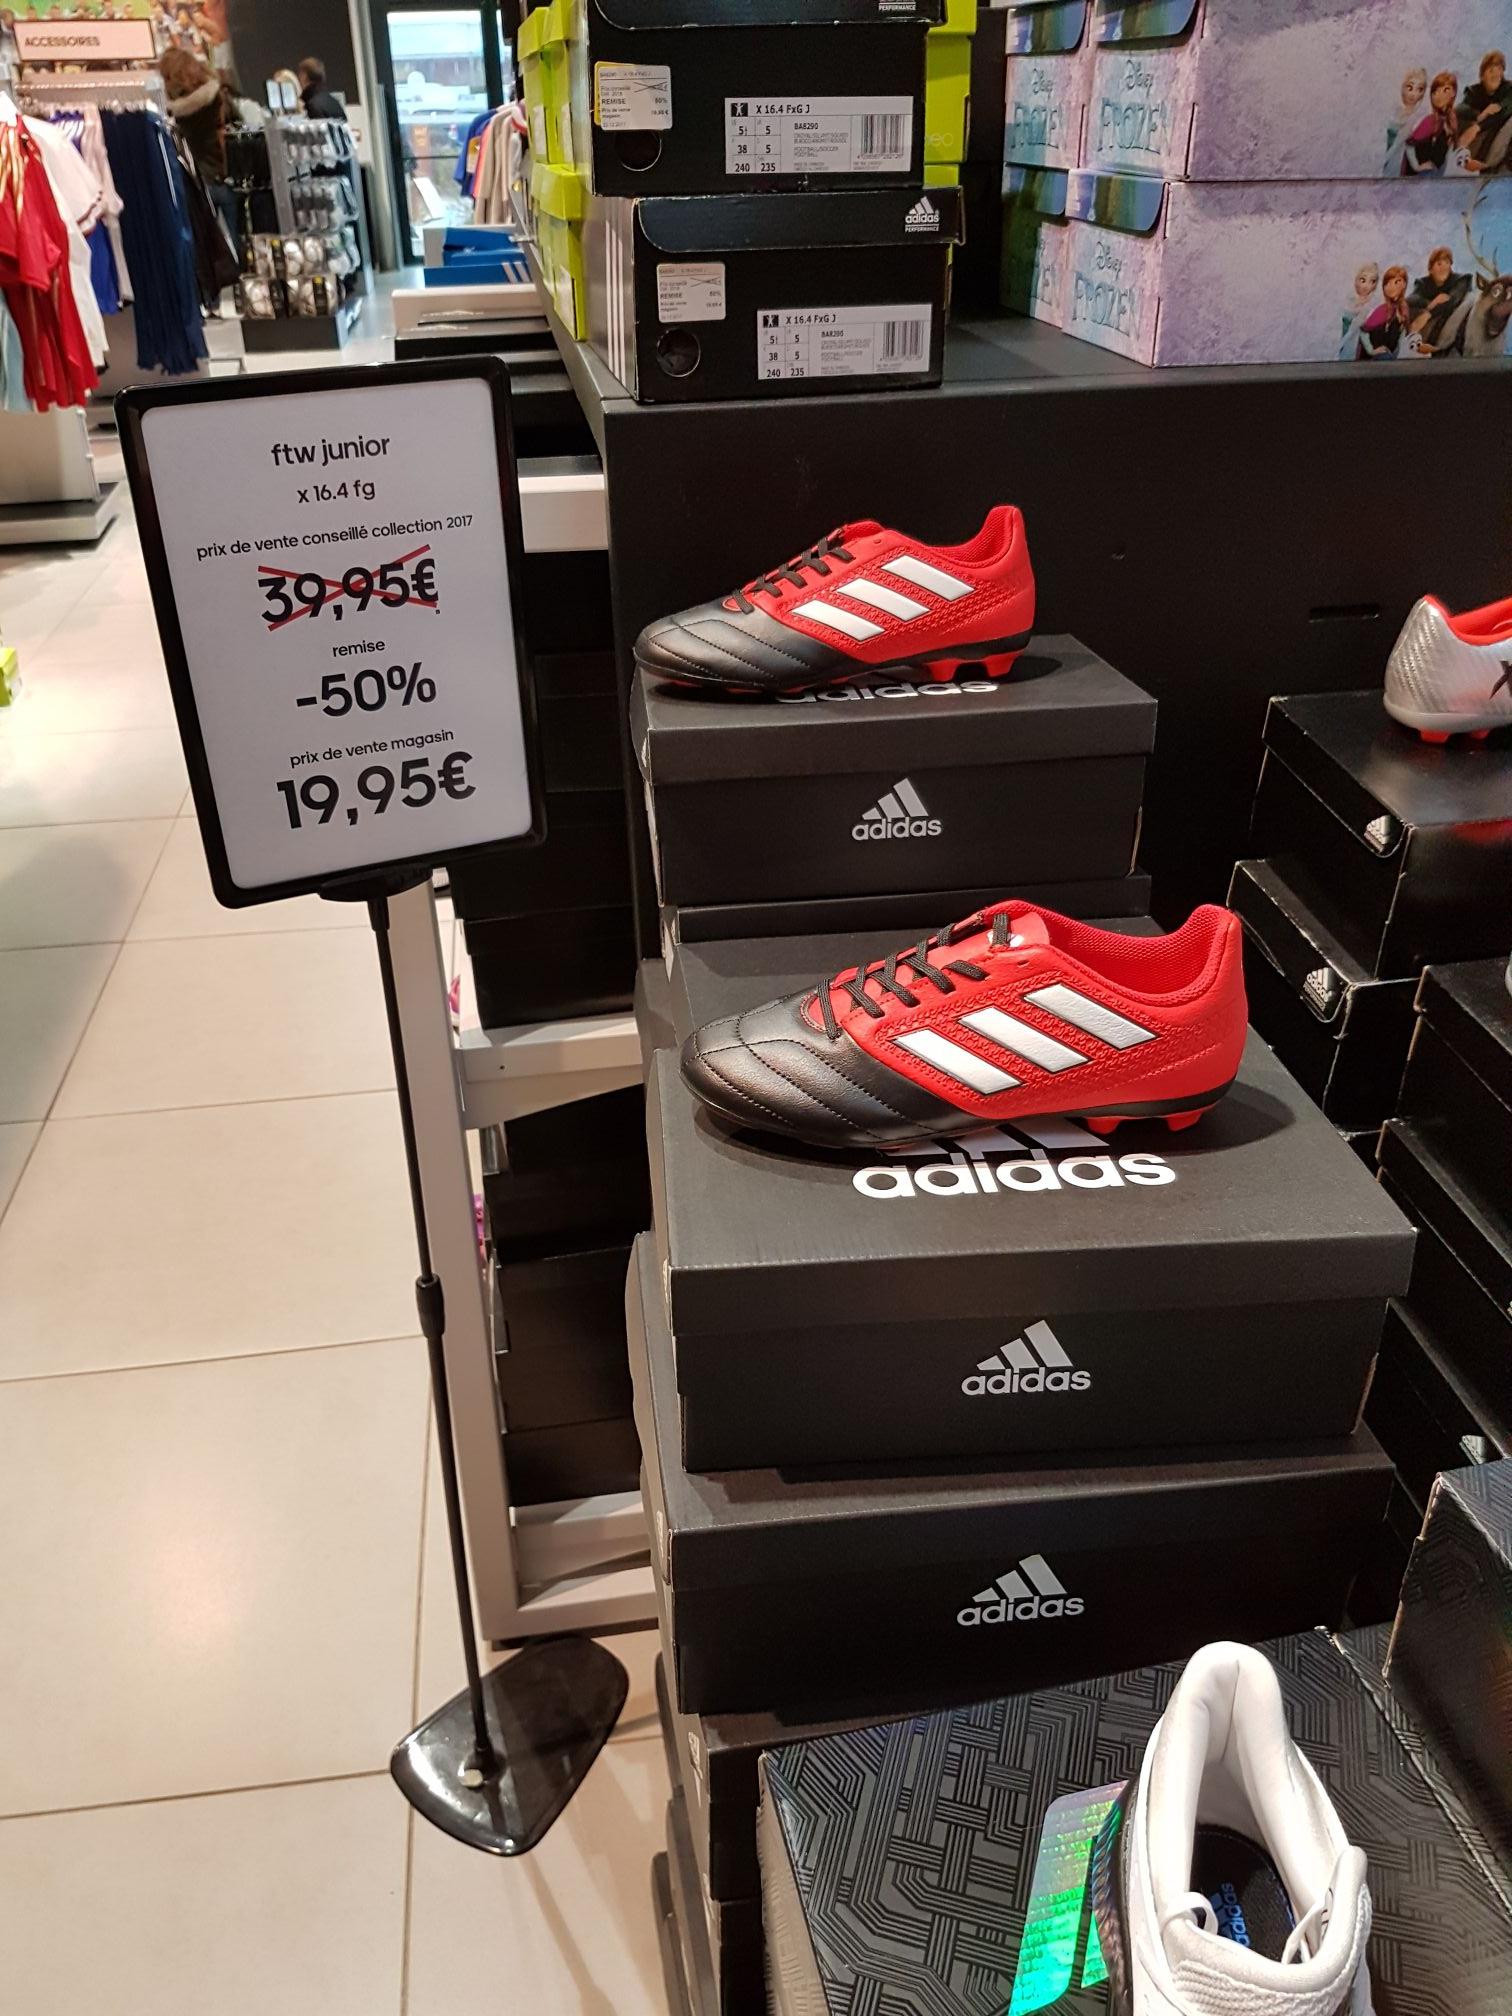 Chaussures à crampons Adidas en promotion (jusqu'à 50%) à partir de 14,95€  - Adidas Outlet à Family Village de Ruaudin (72)